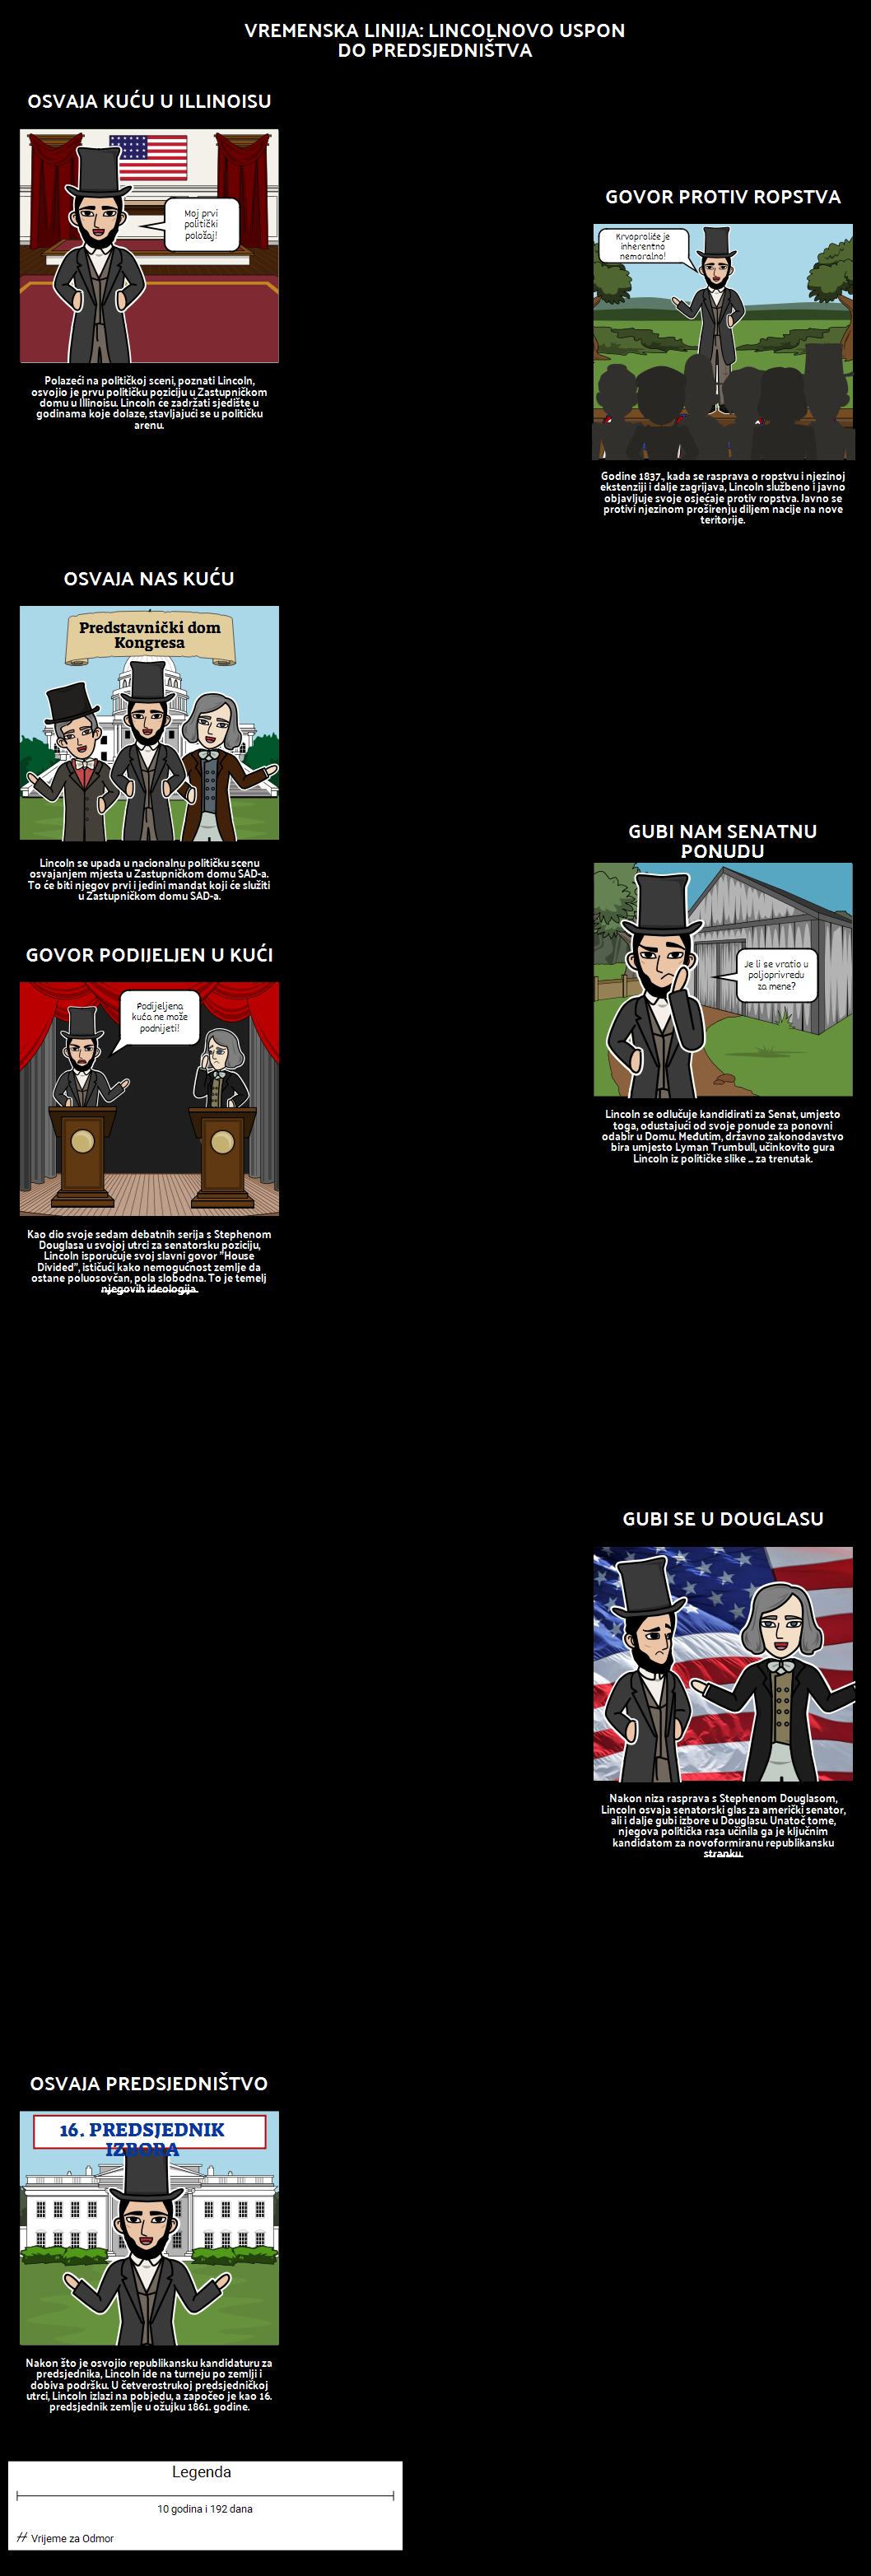 Abraham Lincoln Timeline - Ustati u Predsjedništvo